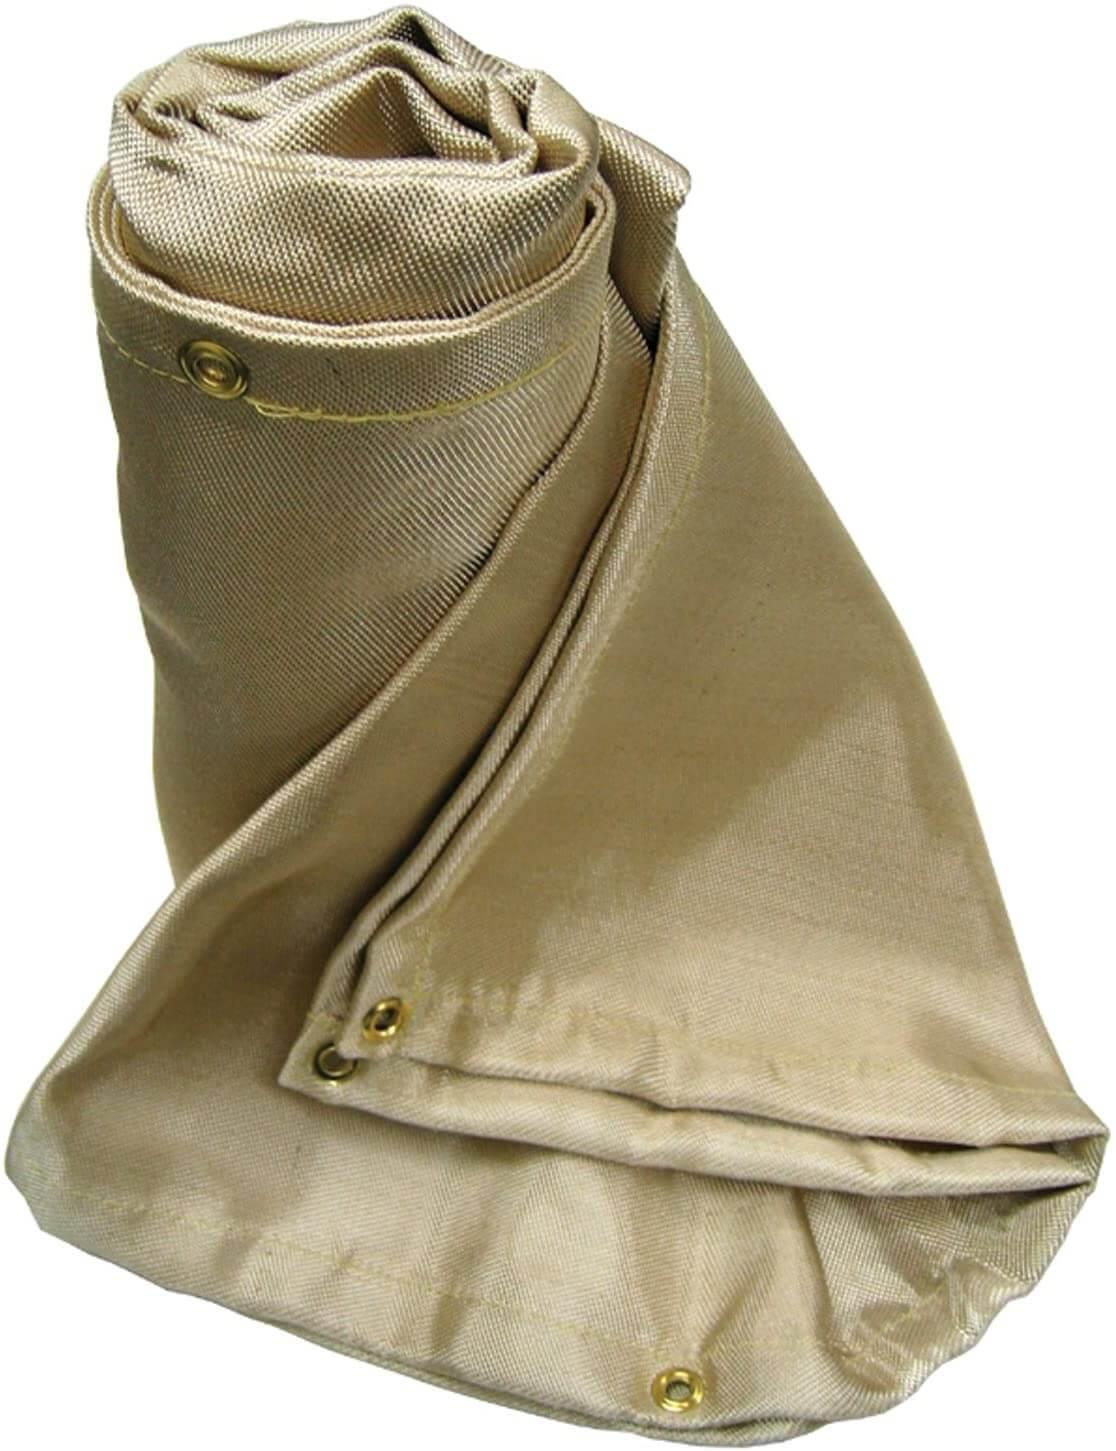 Lenco durable welding blanket